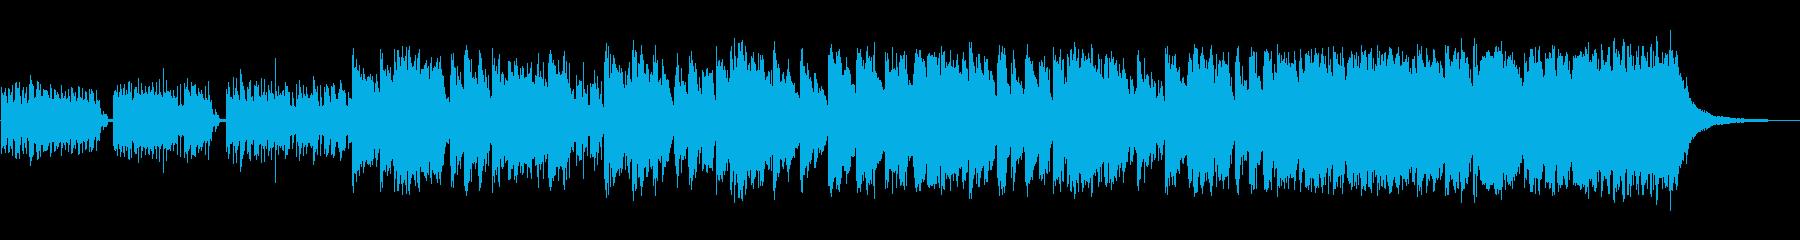 複数の楽器が重なったシンセサイザー音の再生済みの波形